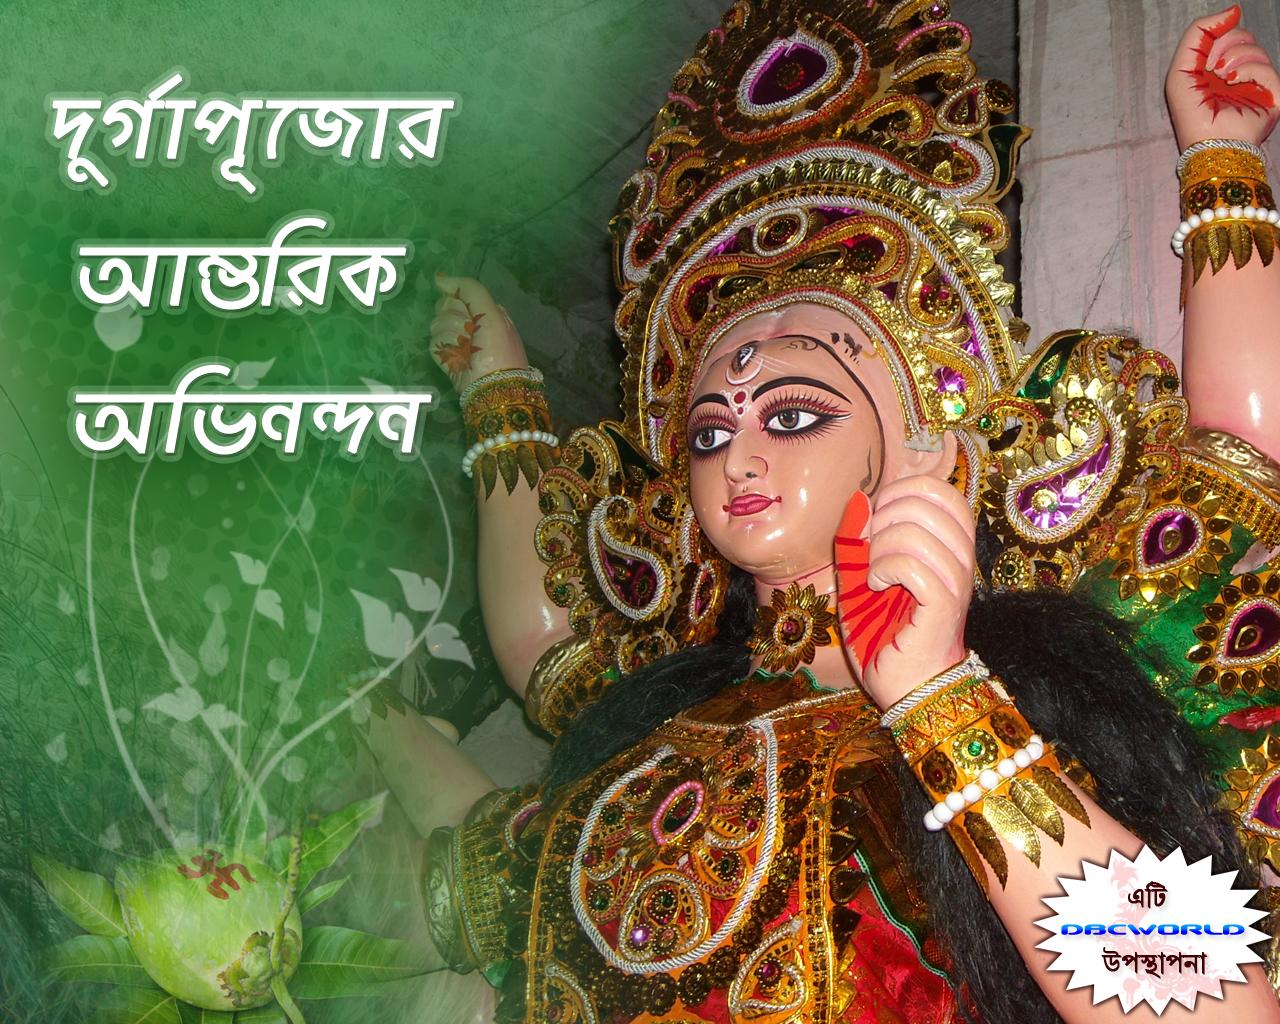 Durga Puja Wallpaper,Wallpaper of Sharad Utsav,Durga Puja of Bengal,Sharad Utsav